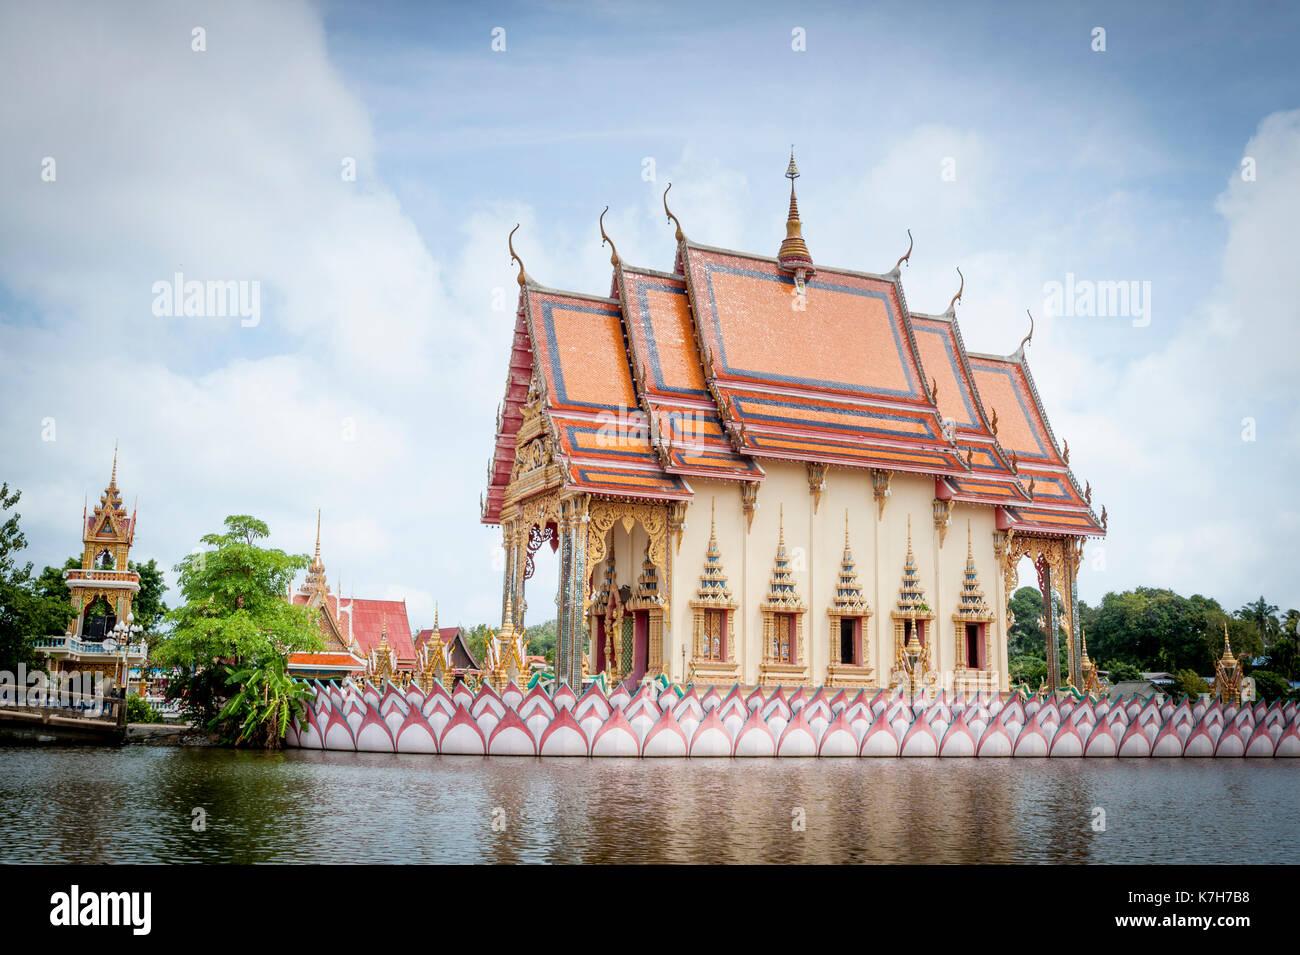 Wat Plai Leam, einem buddhistischen Tempel auf der Insel Ko Samui, Thailand. Stockbild